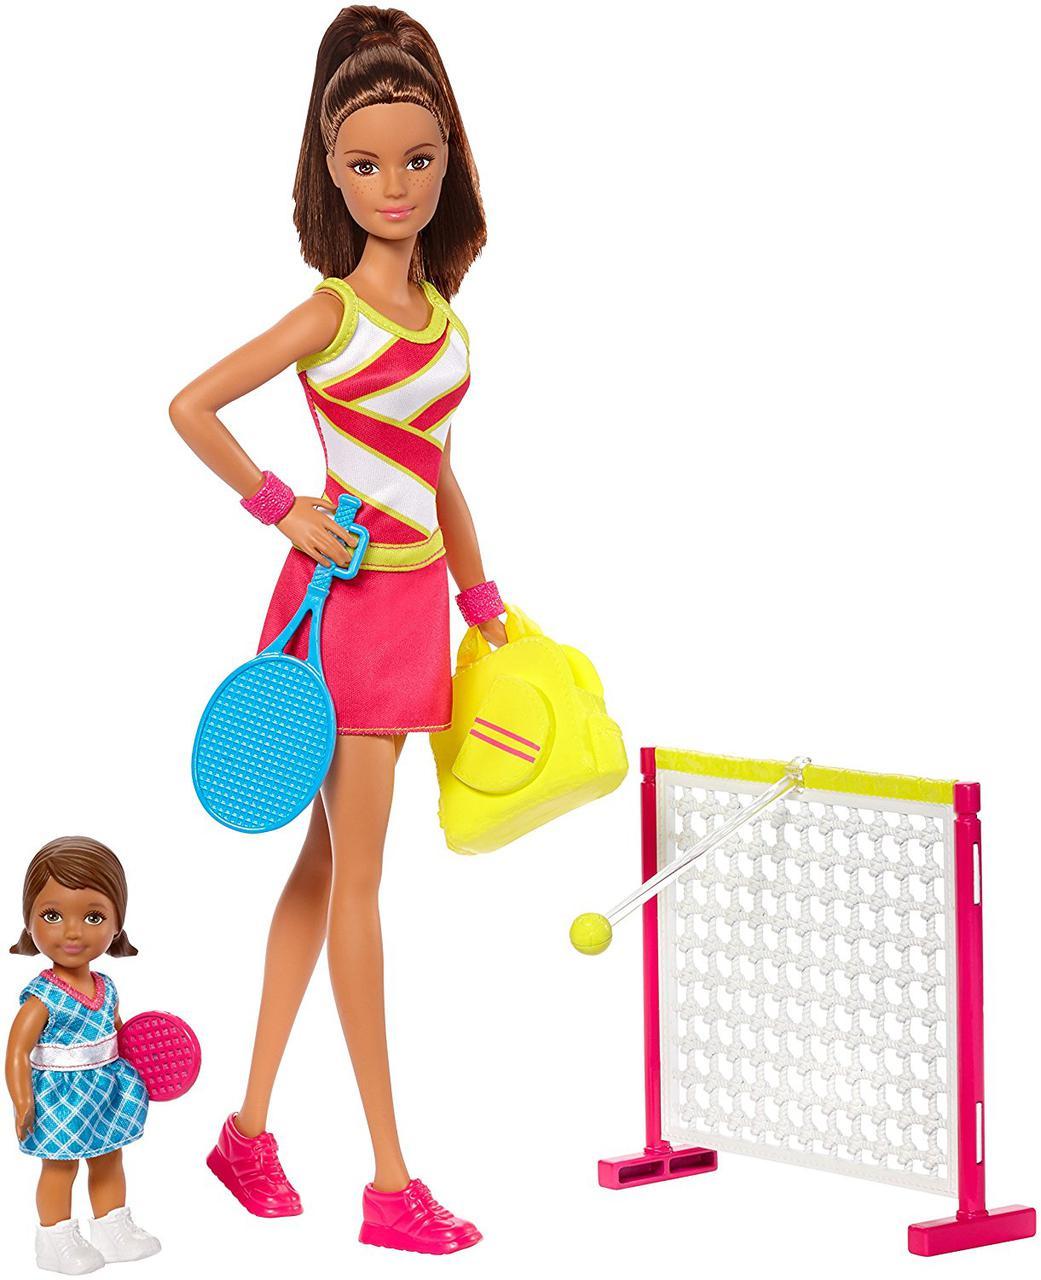 Барбі Тренер з тенісу